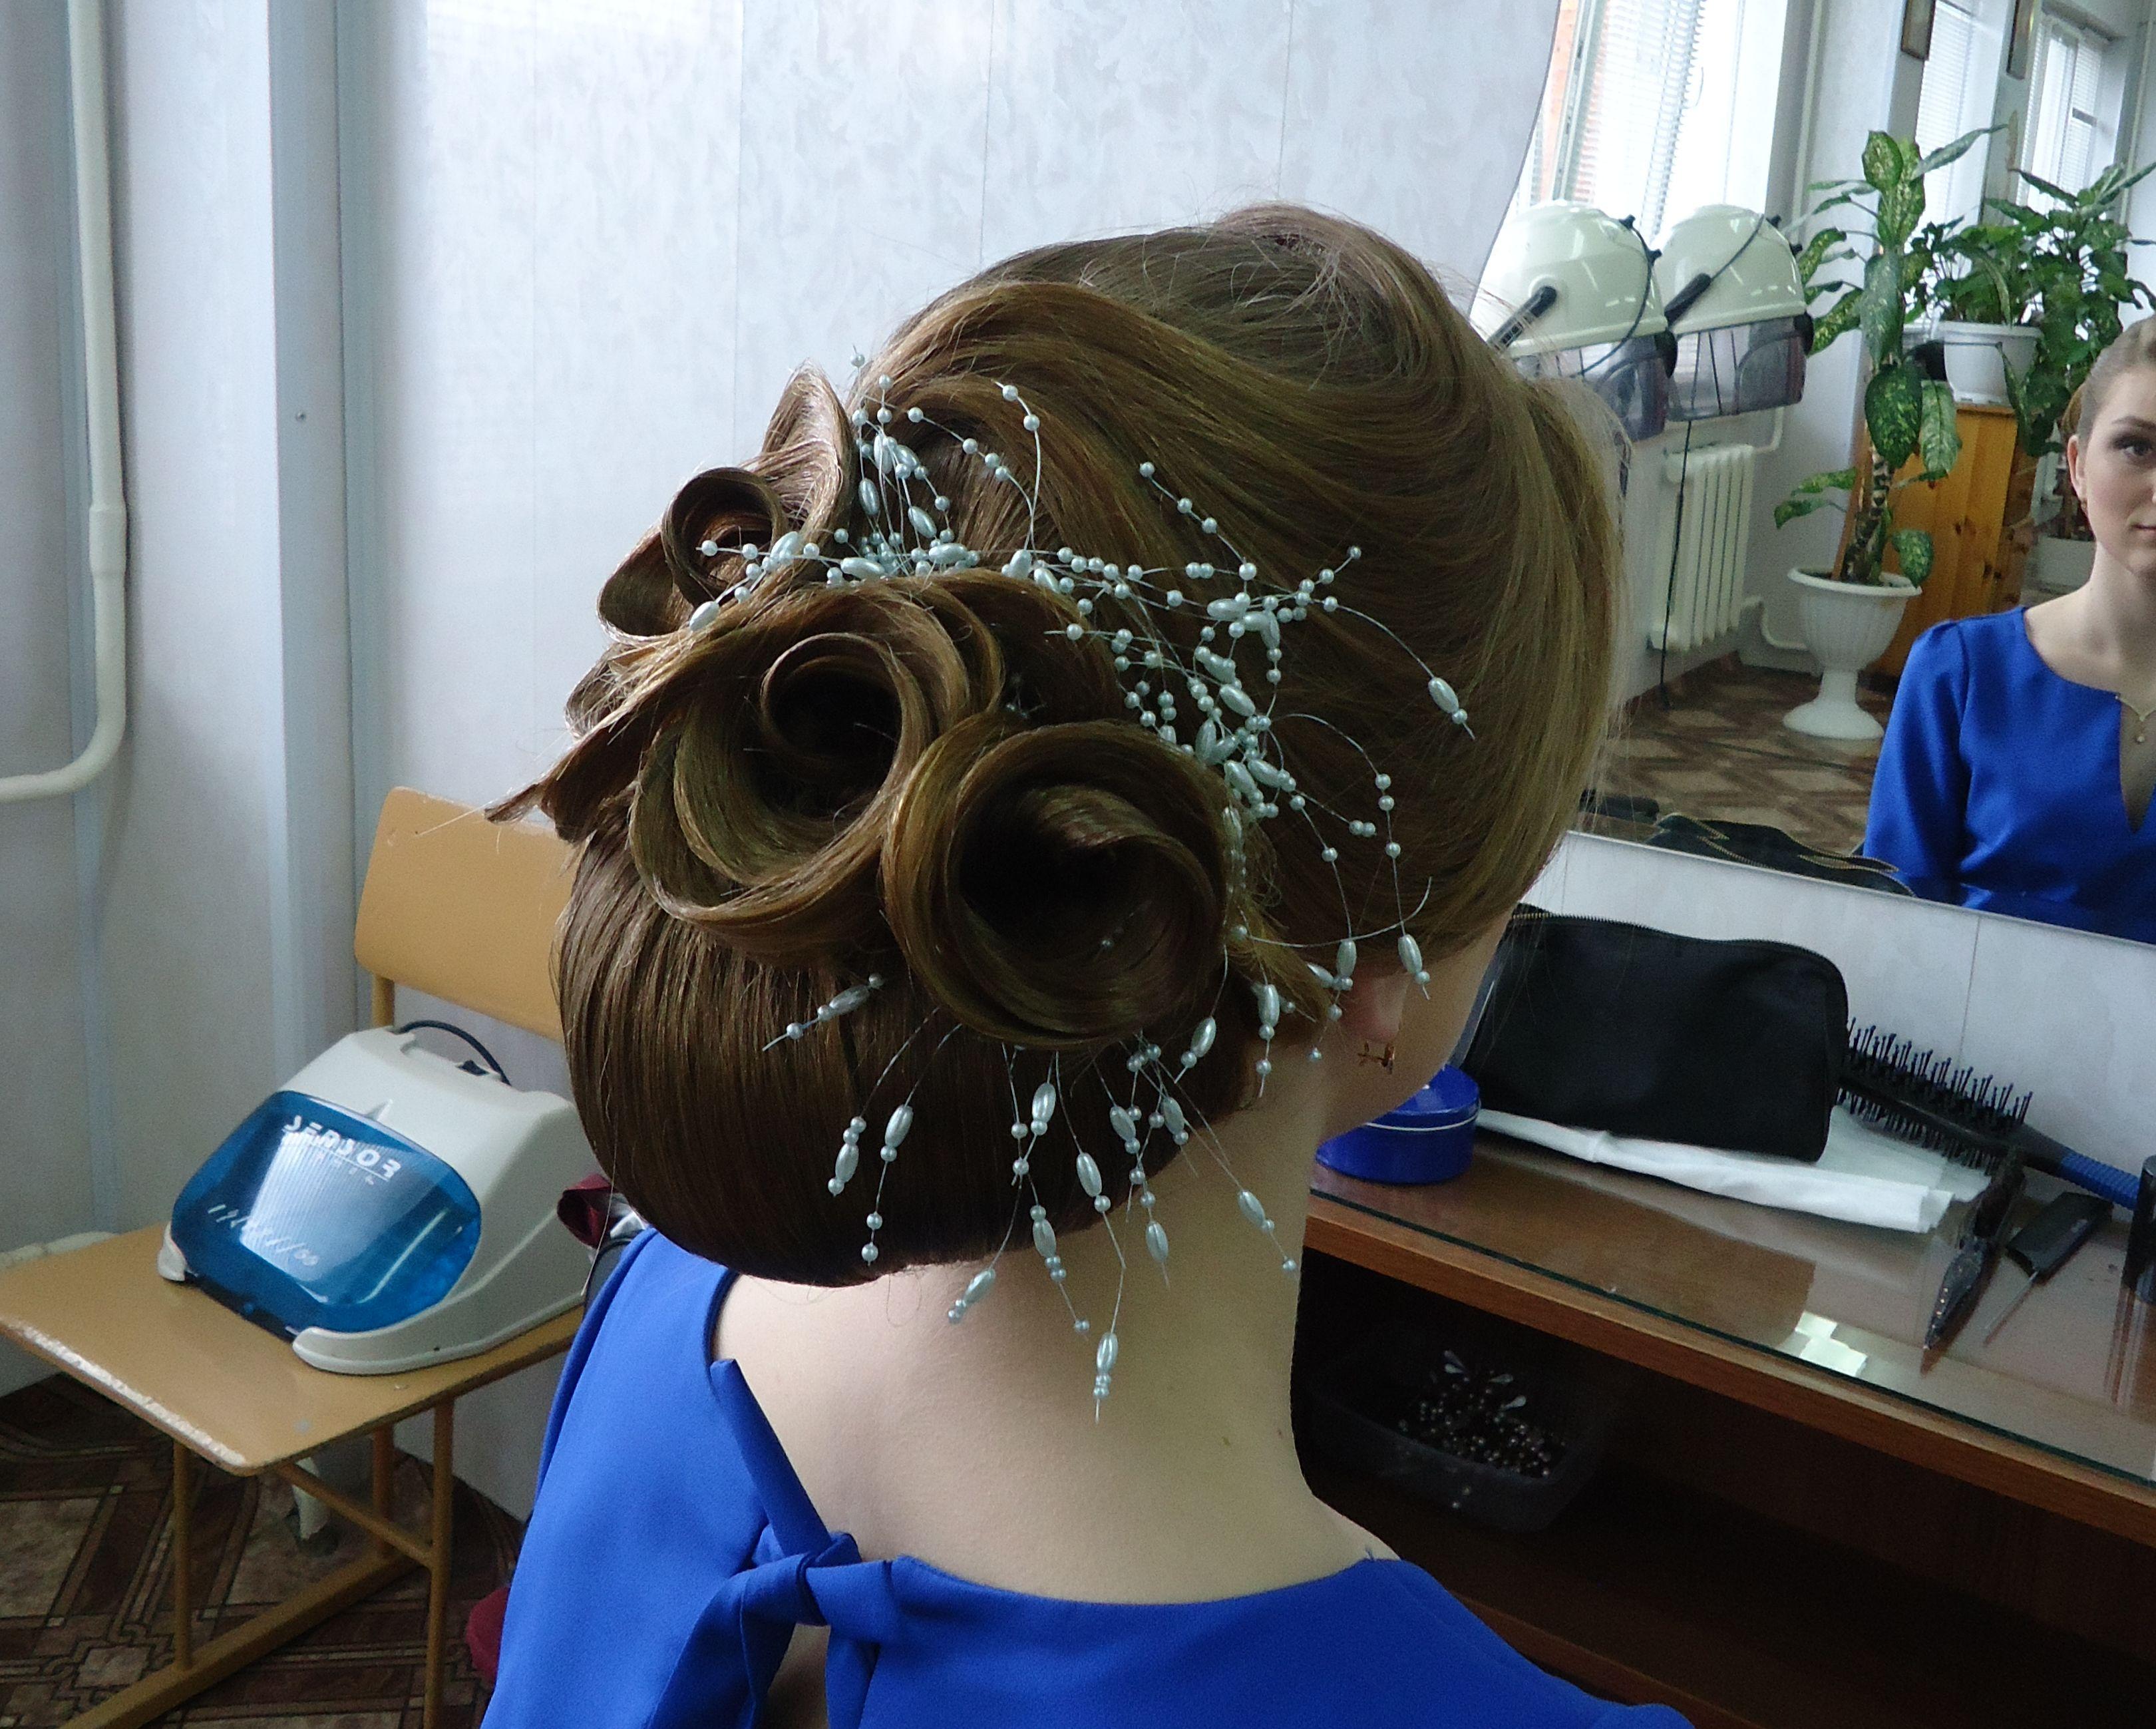 Прическа, выполненная на конкурсе учащейся Дарьей Василевич.